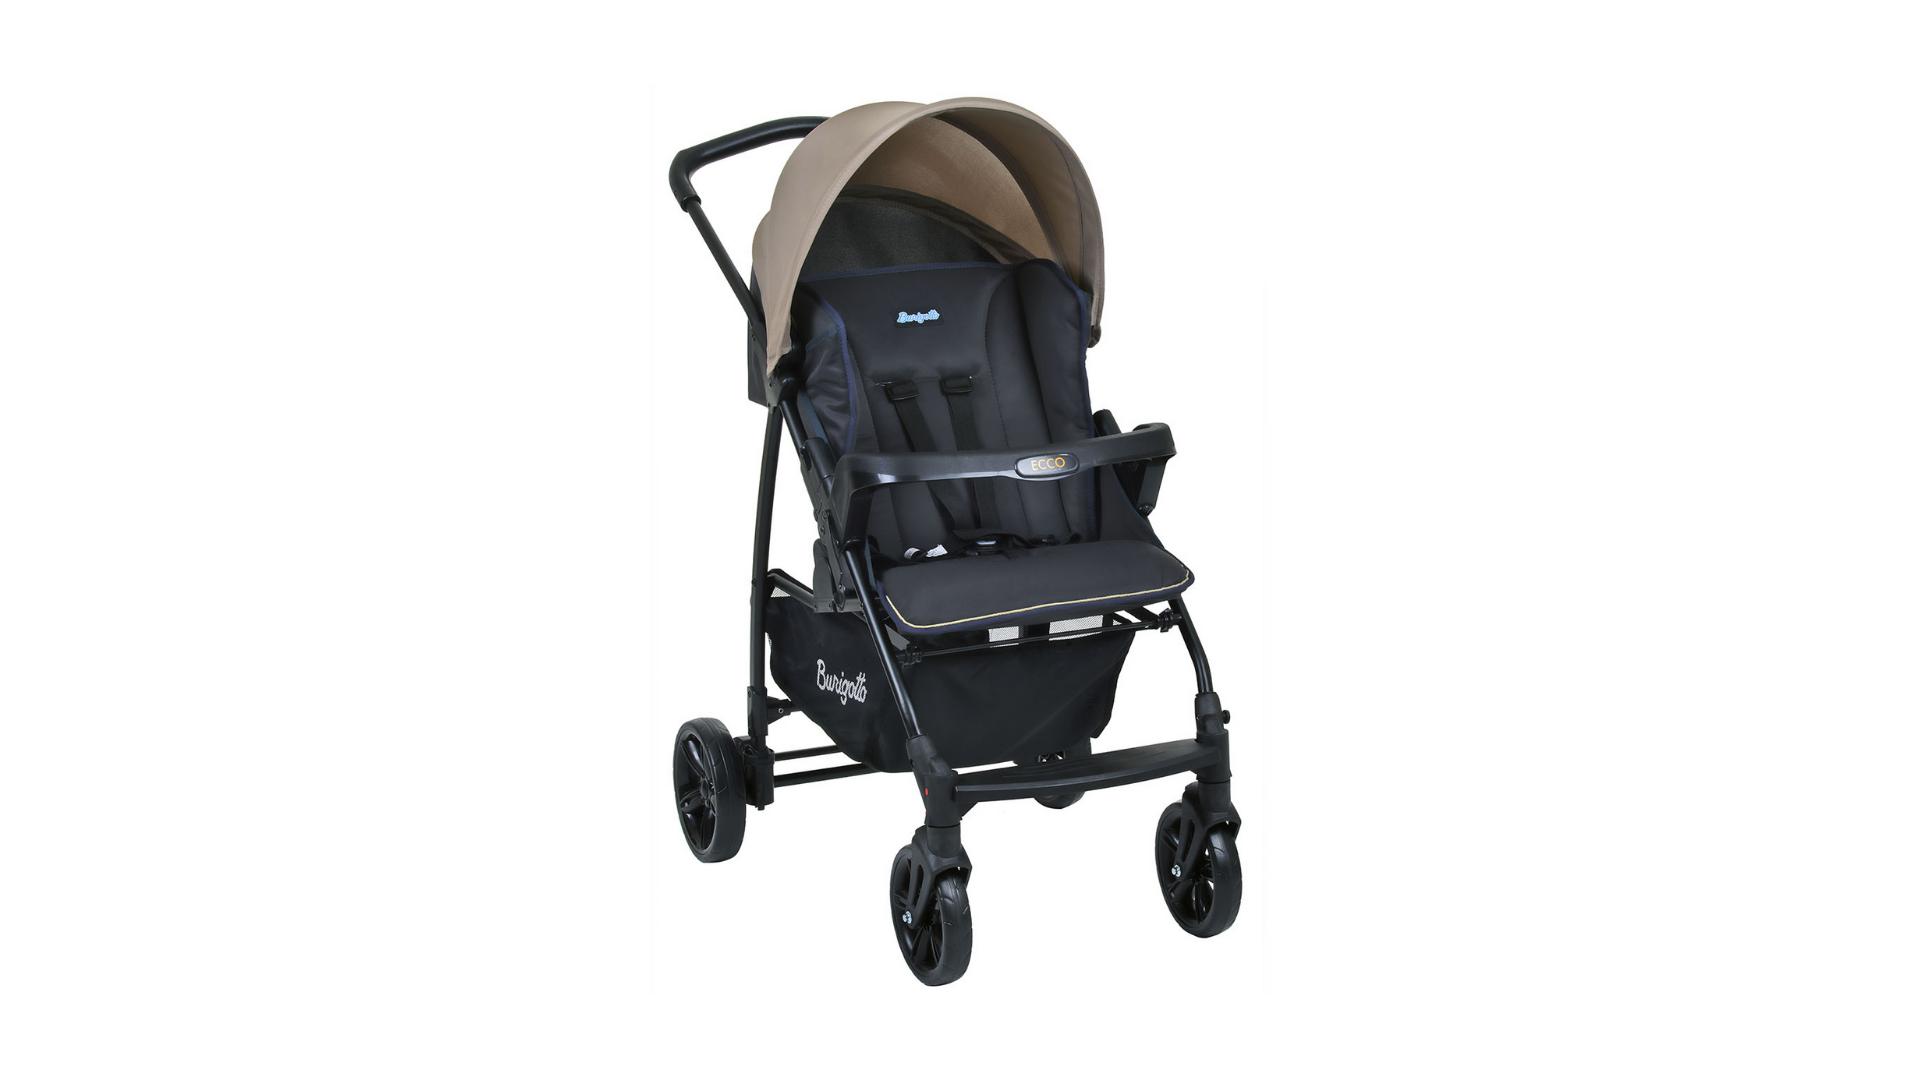 Veja a análise de ficha técnica do carrinho de bebê Burigotto Ecco! (Imagem: Divulgação/Burigotto)